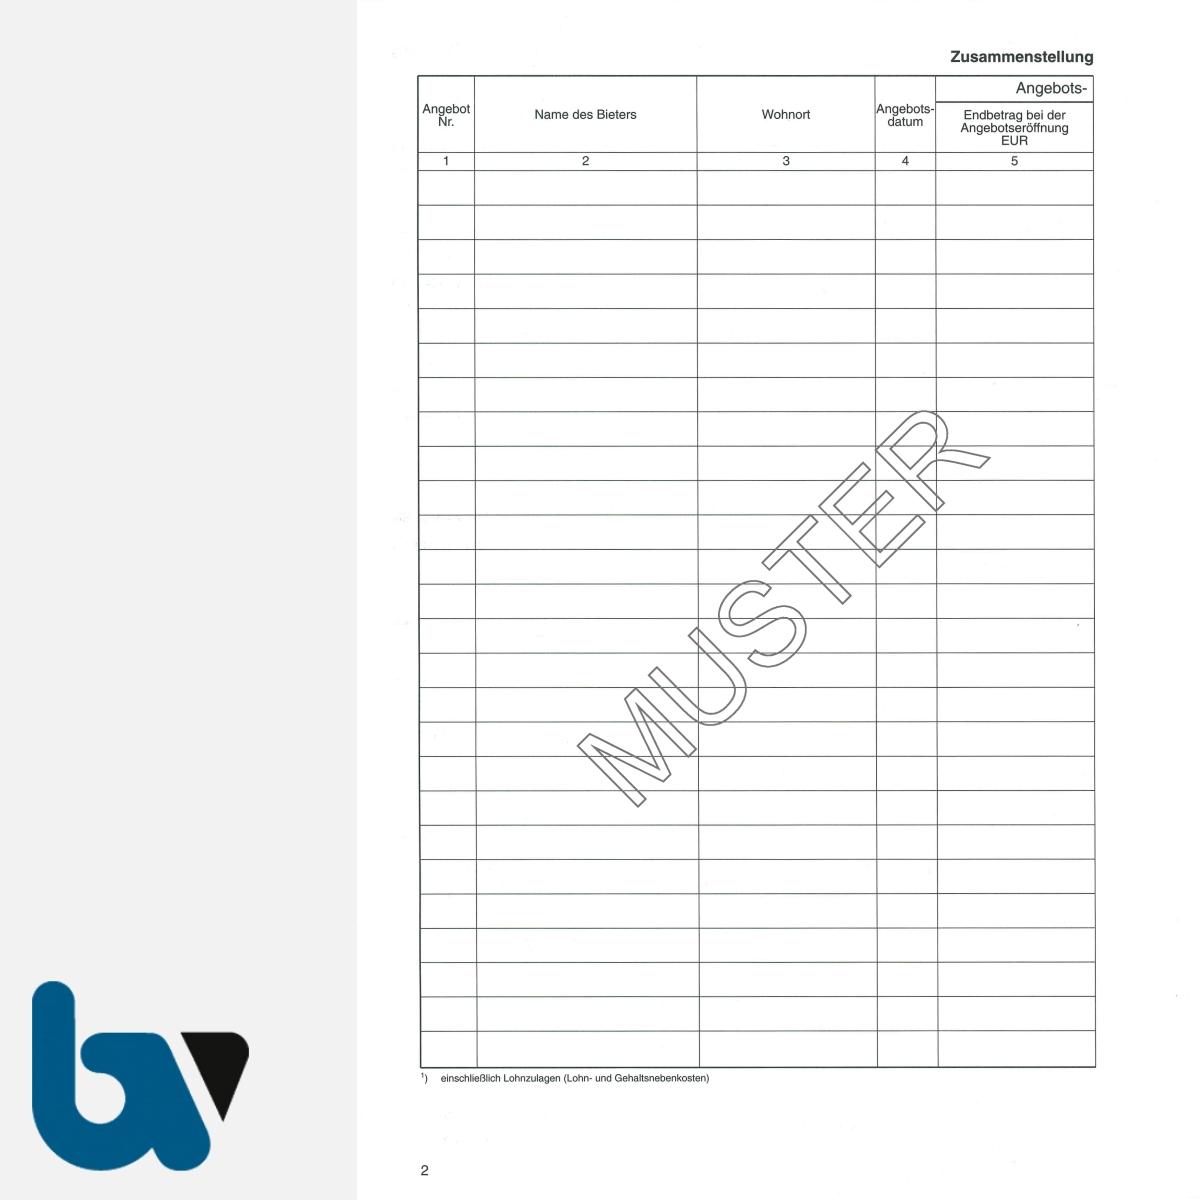 0/704-1a Verdingungsverhandlung Niederschrift Ausschreibung Submission VOB VOL Doppelbogen DIN A4 Seite 2 | Borgard Verlag GmbH